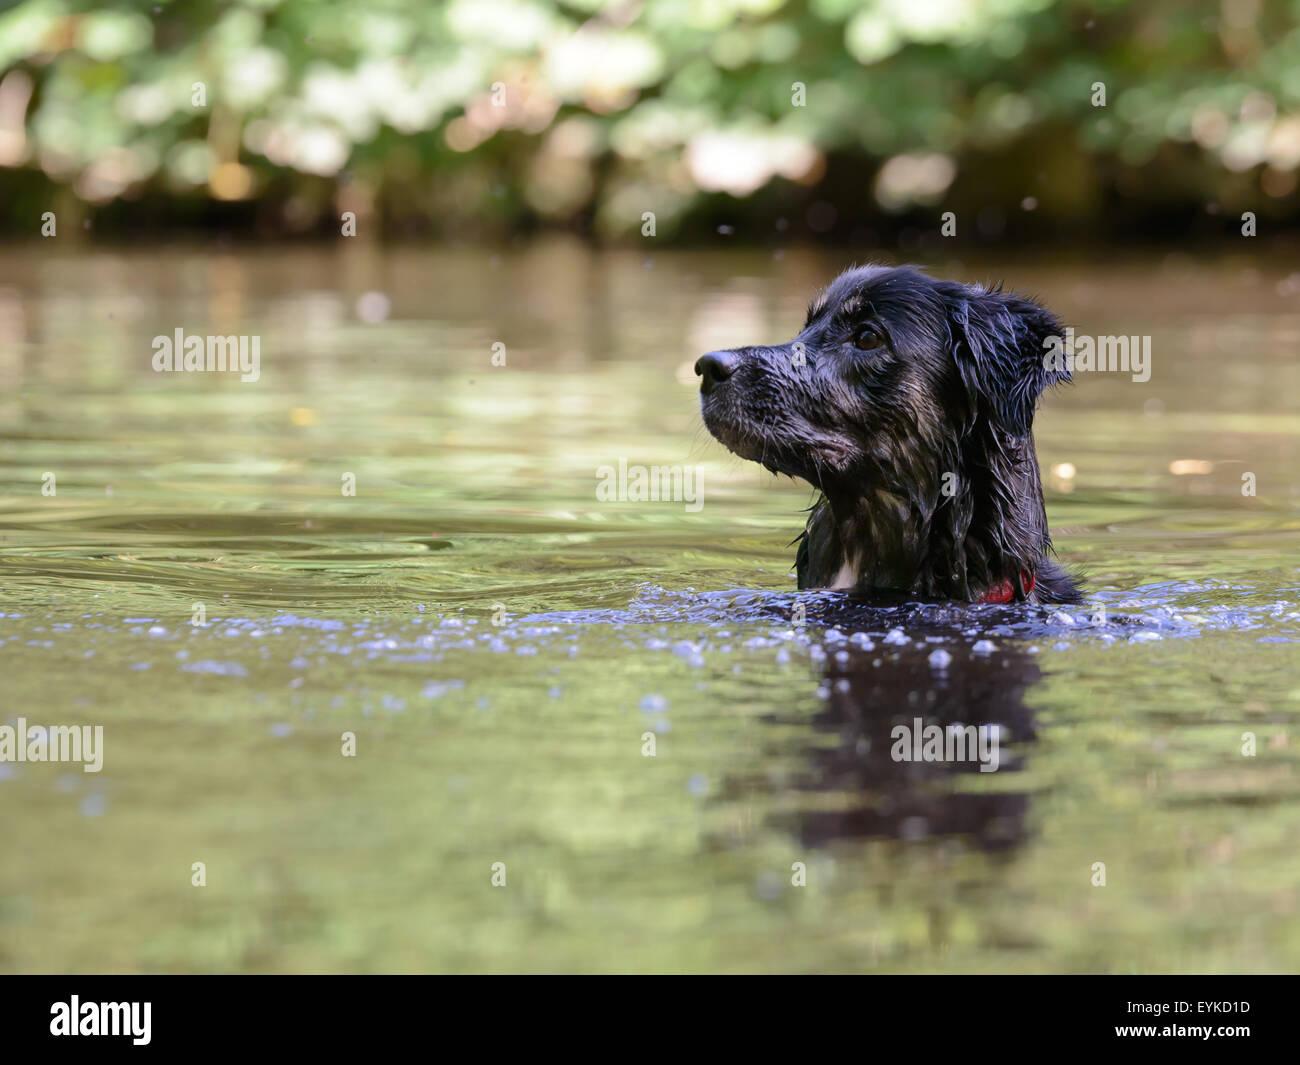 Collie croce dog nuoto nel lago in attesa di giocattolo per essere gettato Immagini Stock